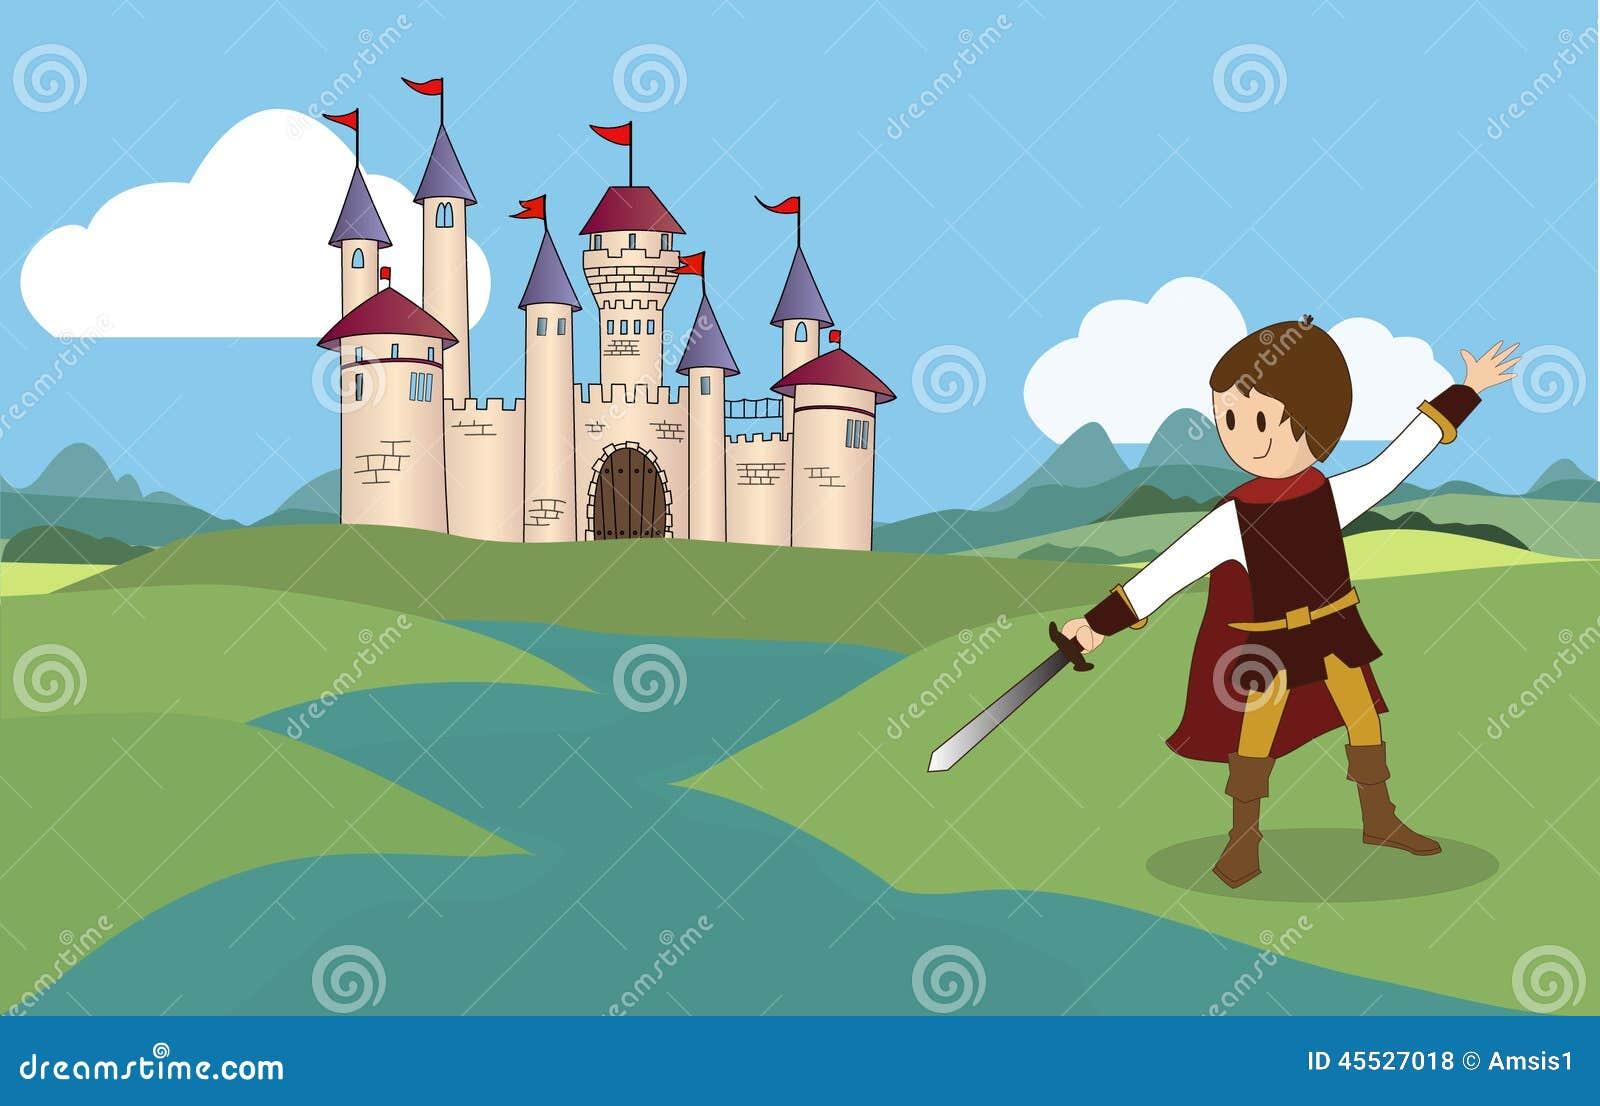 Castello e cavaliere di fiaba